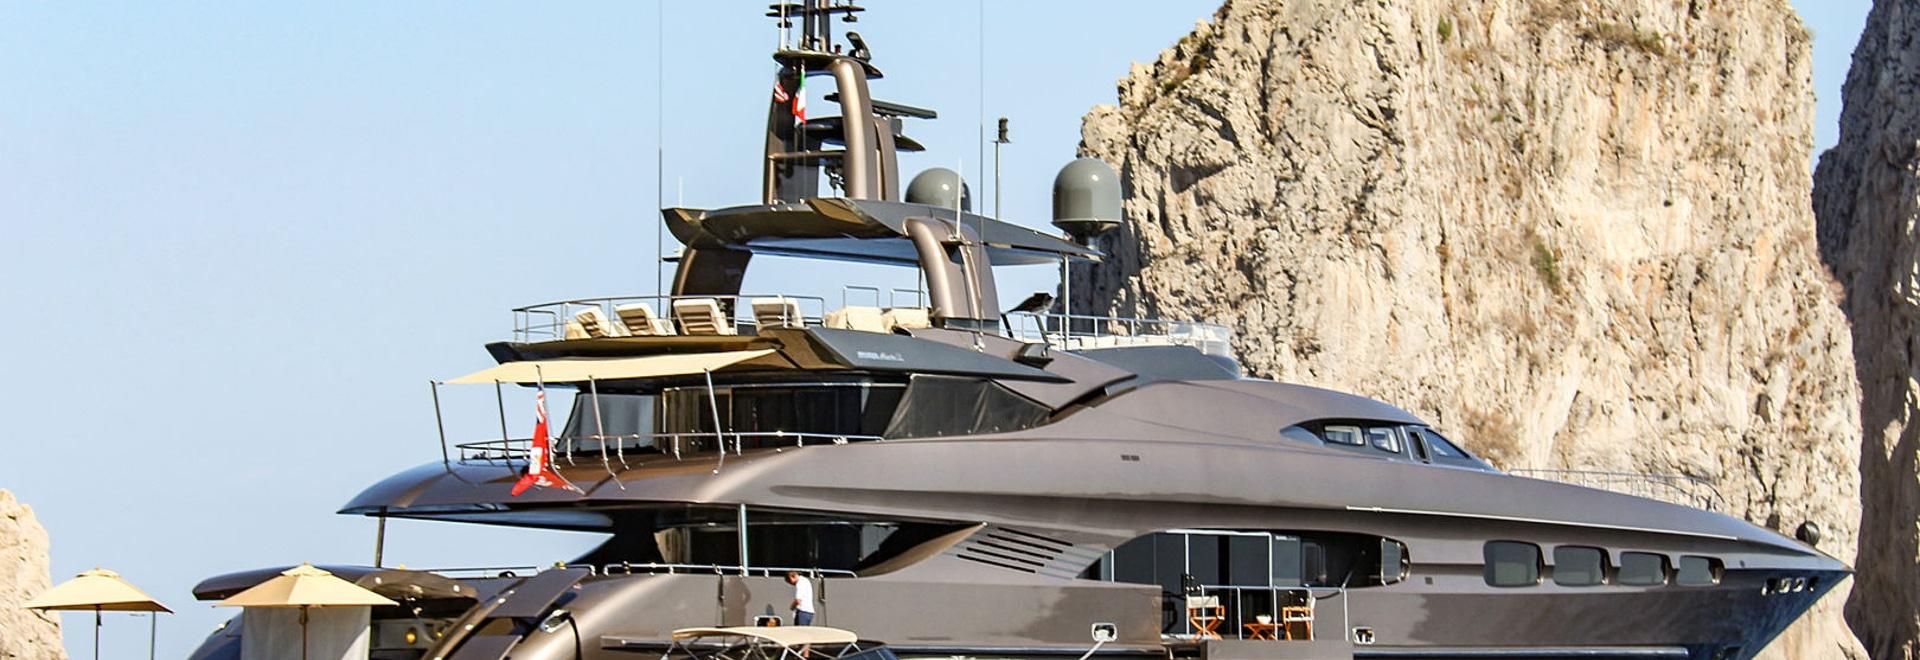 Auspicious at anchor in Capri